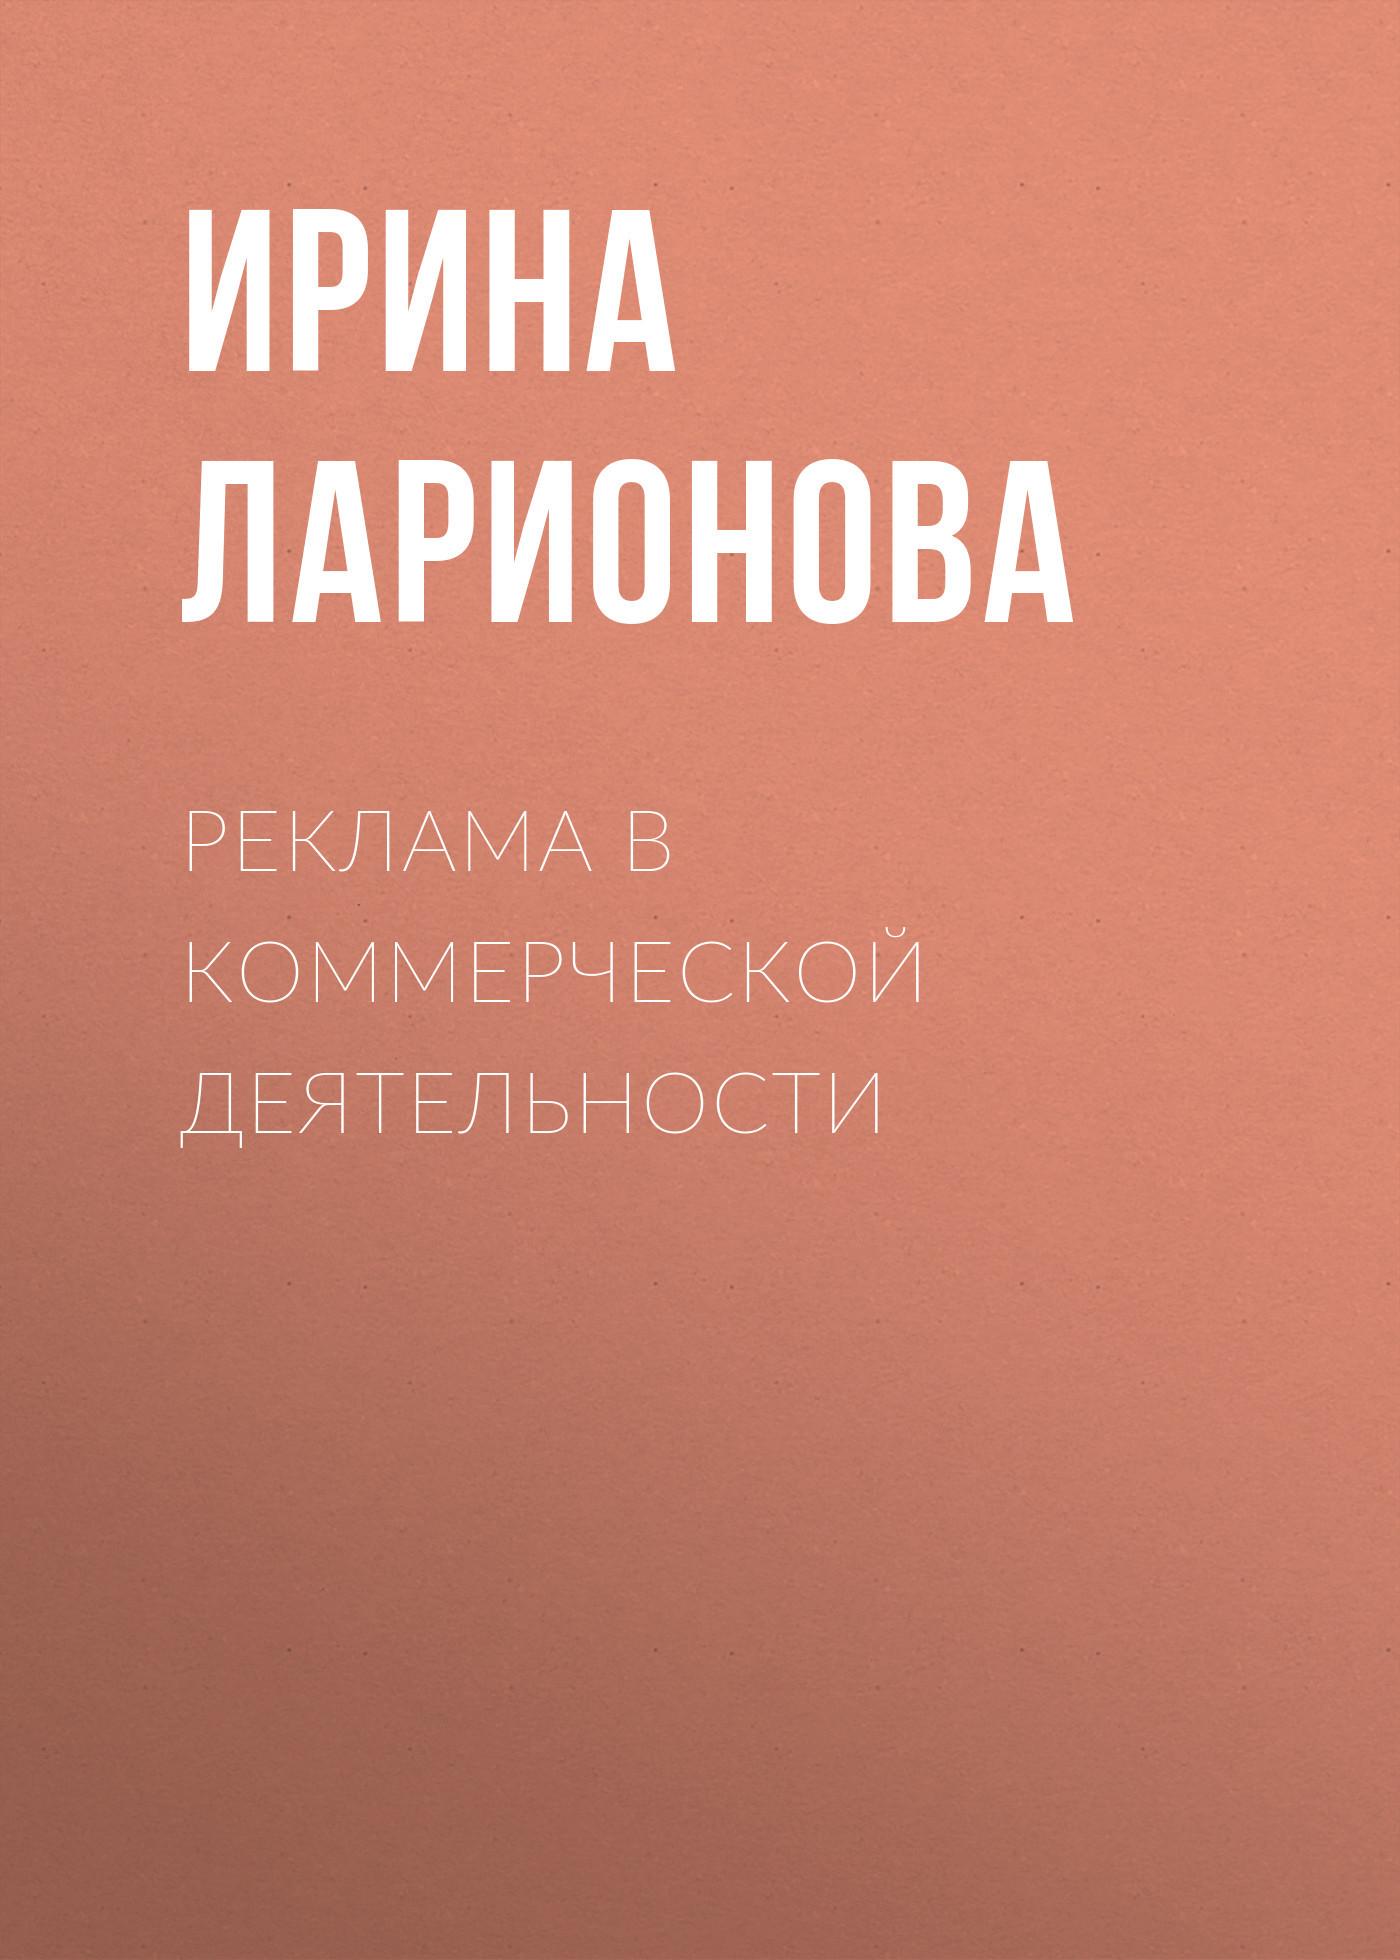 Ирина Ларионова. Реклама в коммерческой деятельности